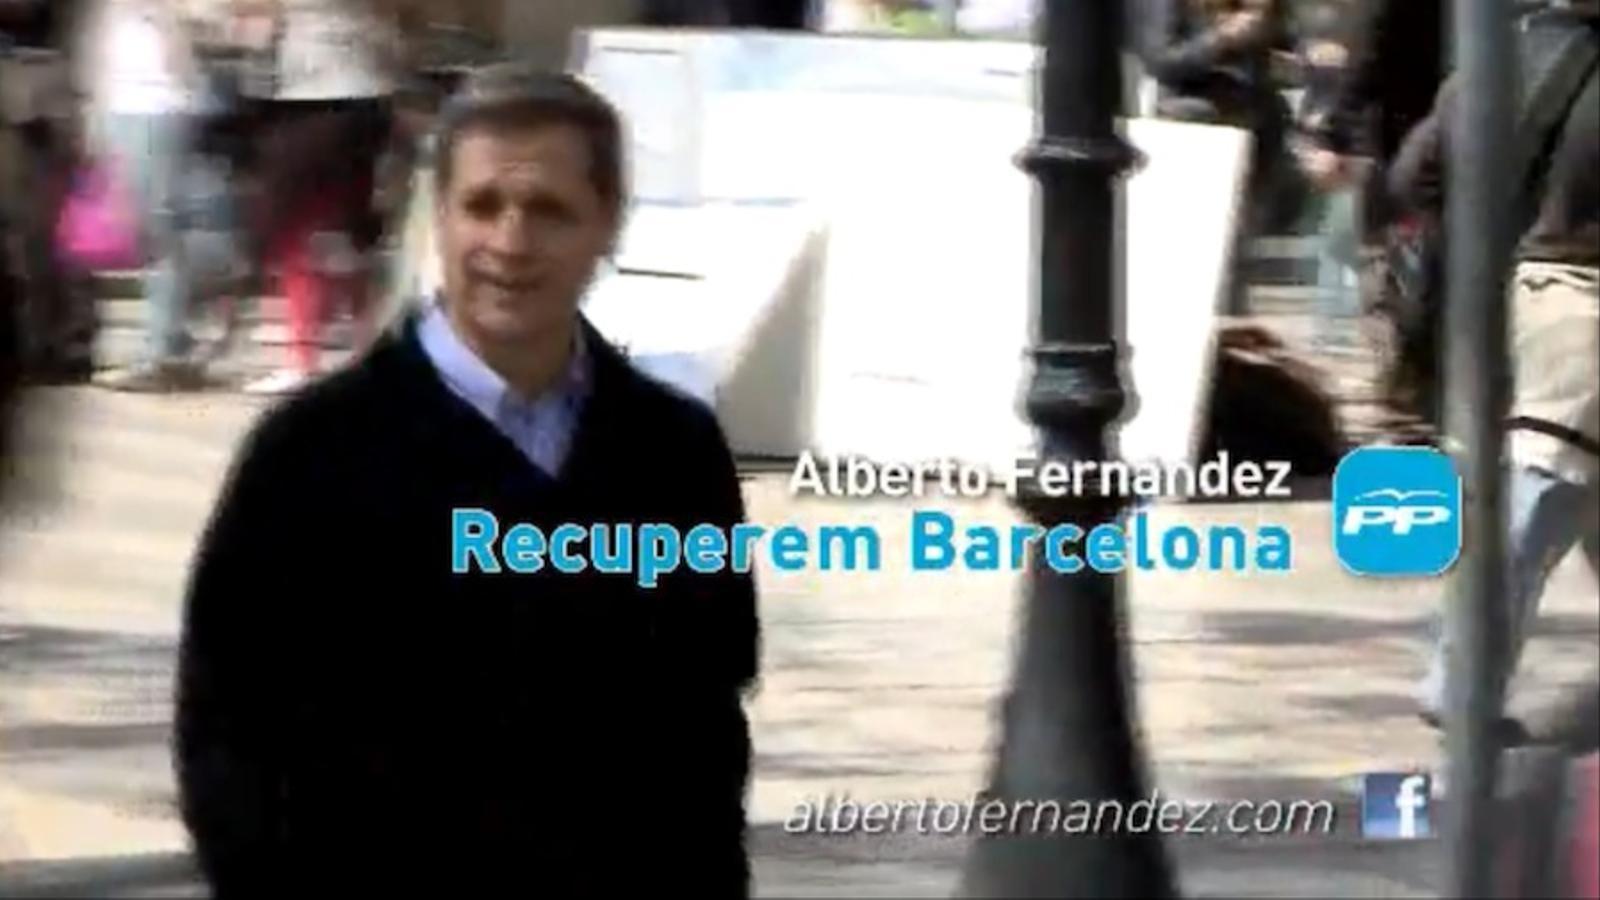 'Todo no es lo que parece', vídeo electoral del PP amb Alberto Fernández Díaz